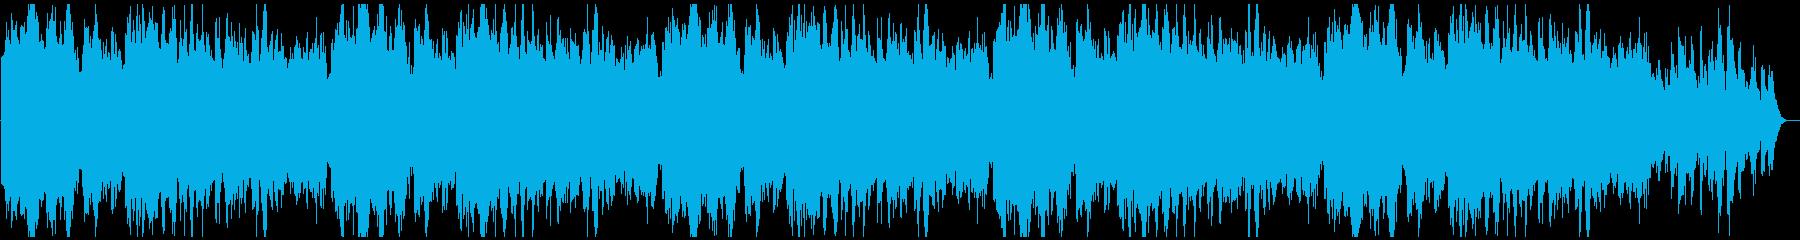 せつないシーン用の★ピアノ&ストリングスの再生済みの波形